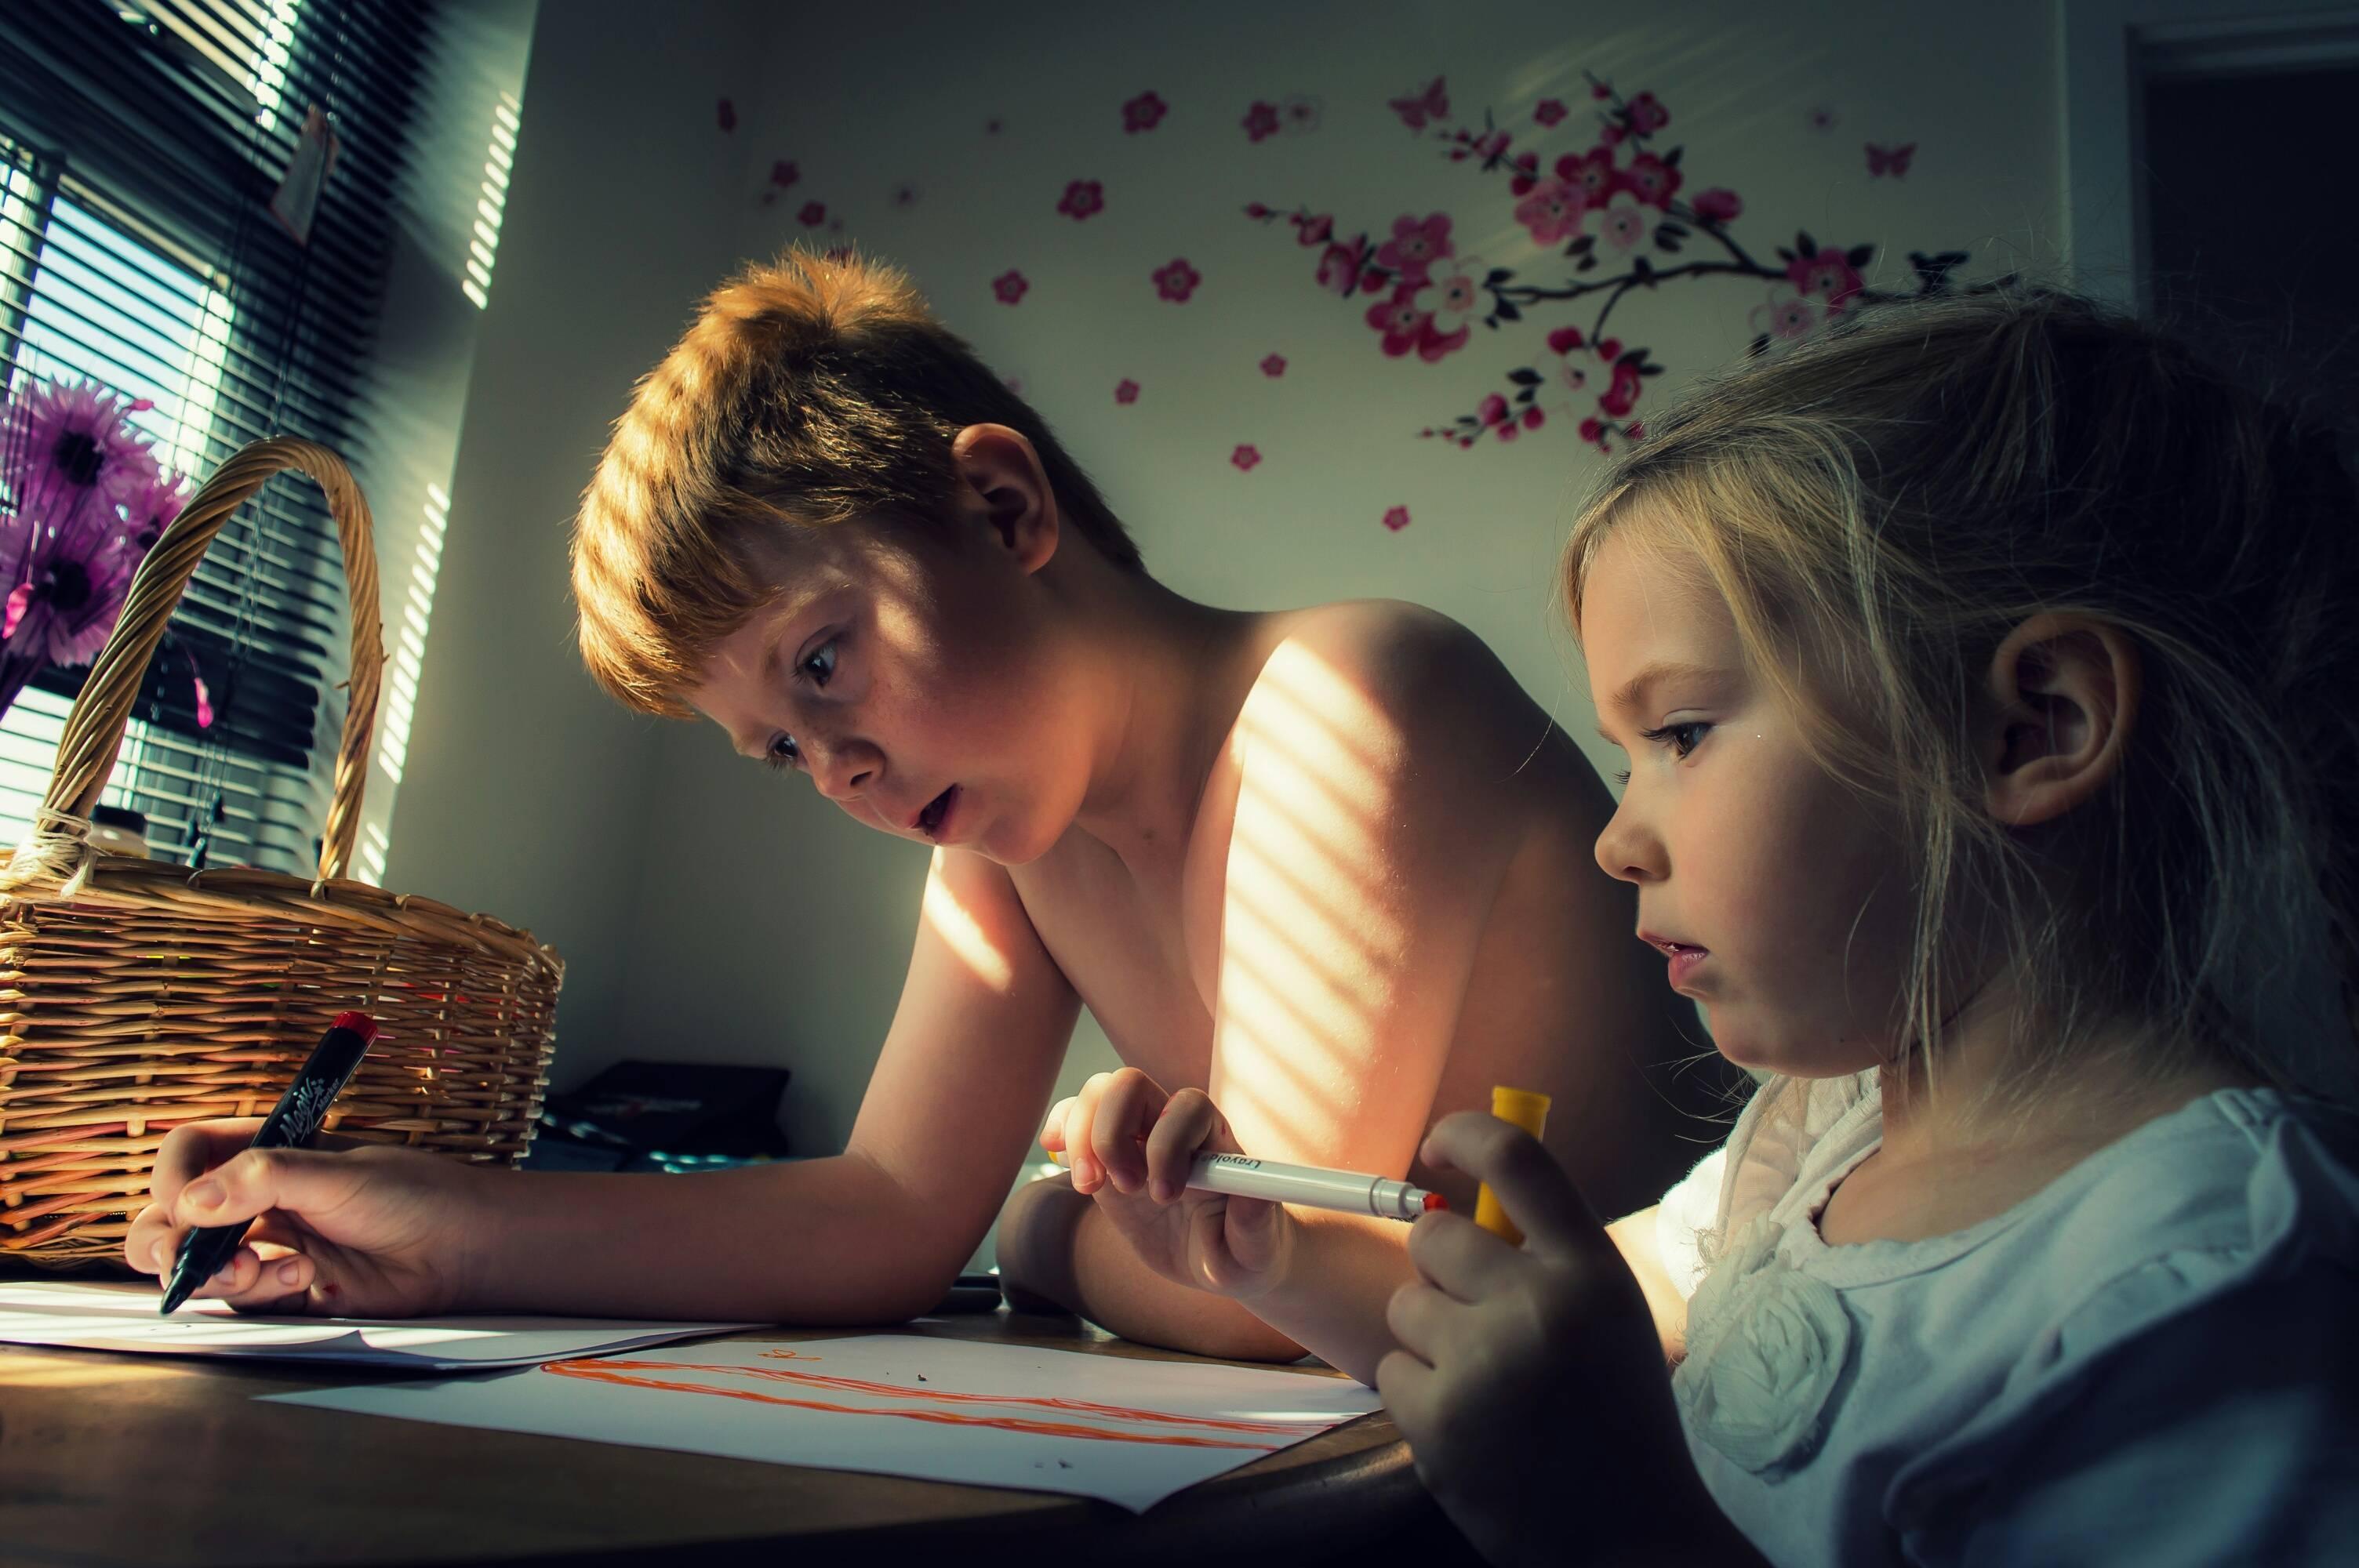 брат с сестрой листают камасутру